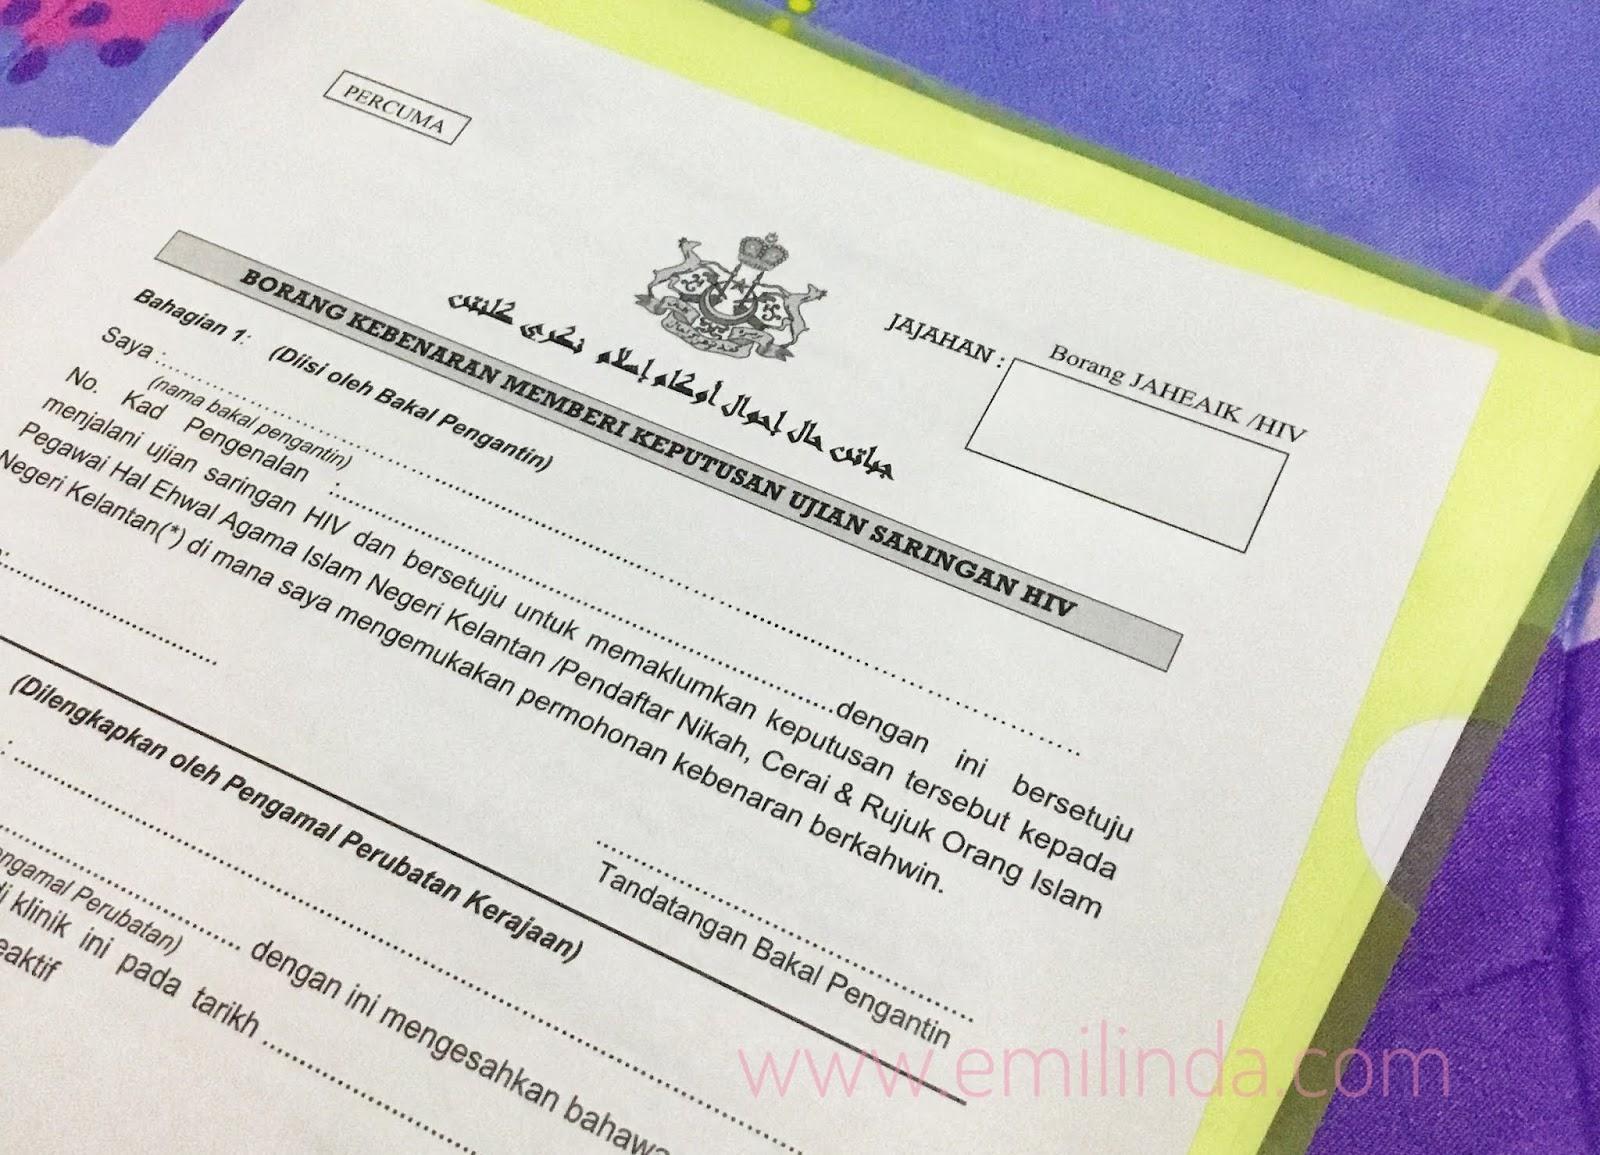 Persediaan Kahwin Prosedur Permohonan Nikah Negeri Kelantan